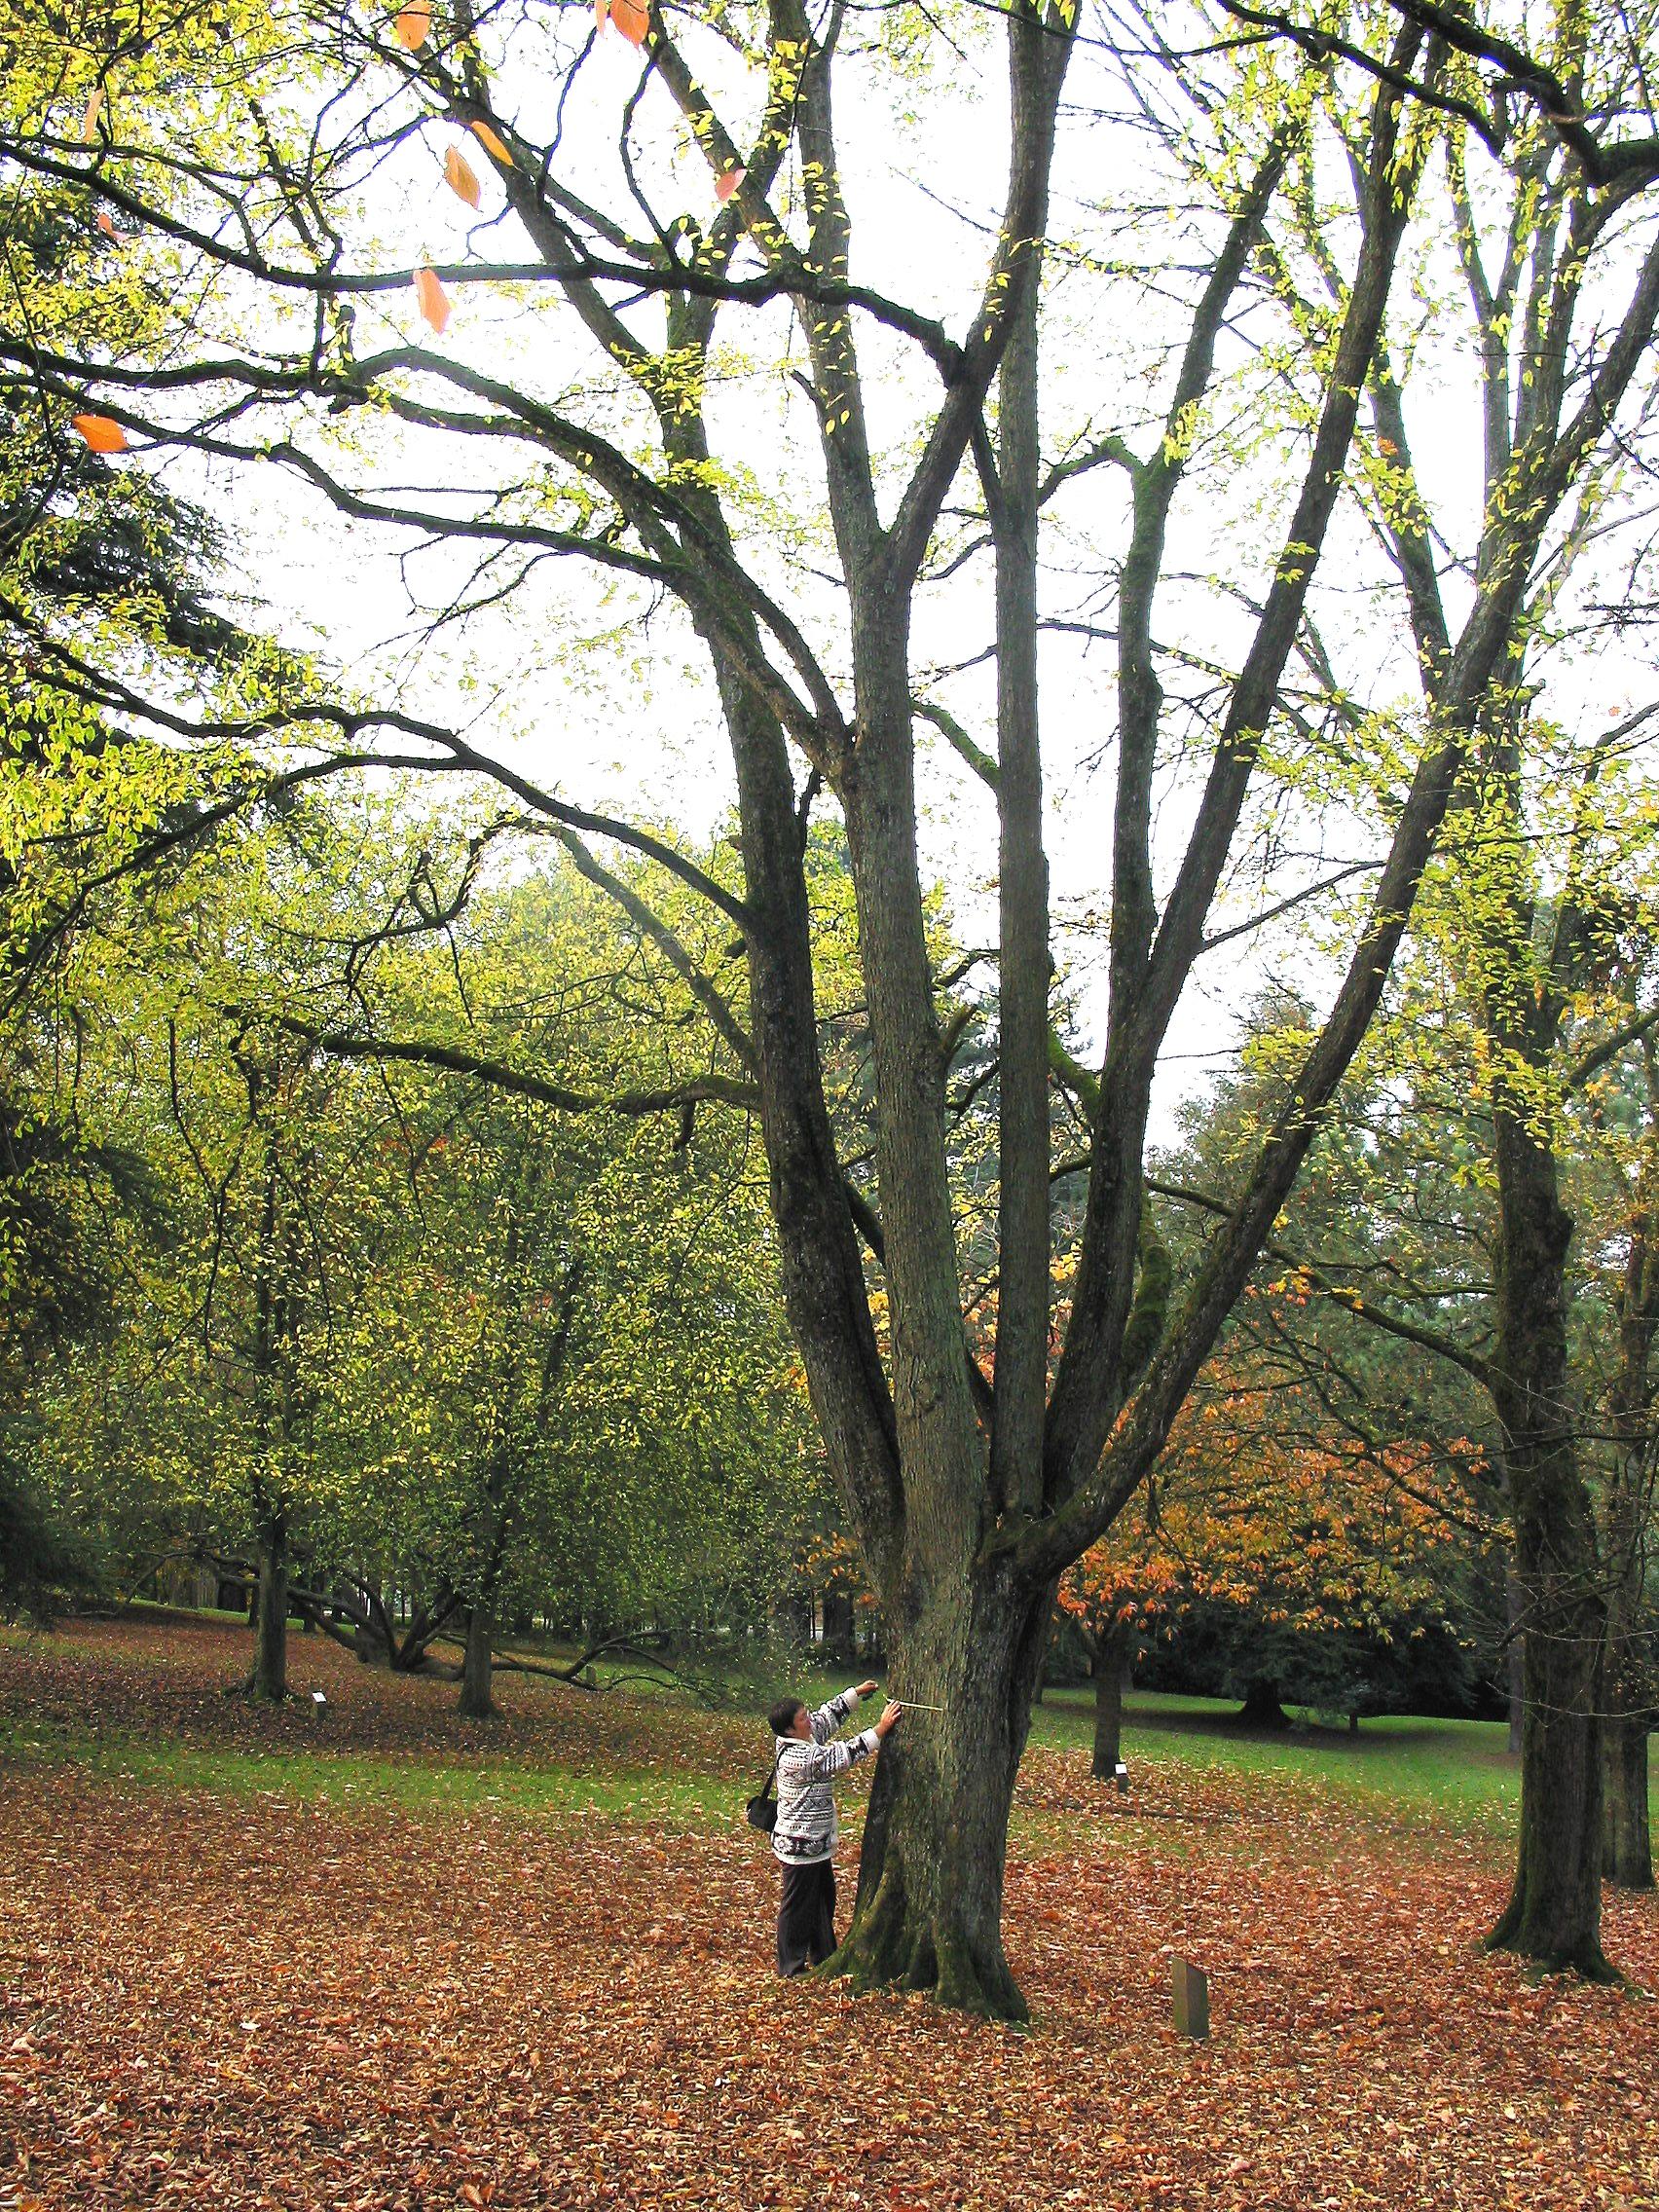 Persoon tegen hopbeuk in het park